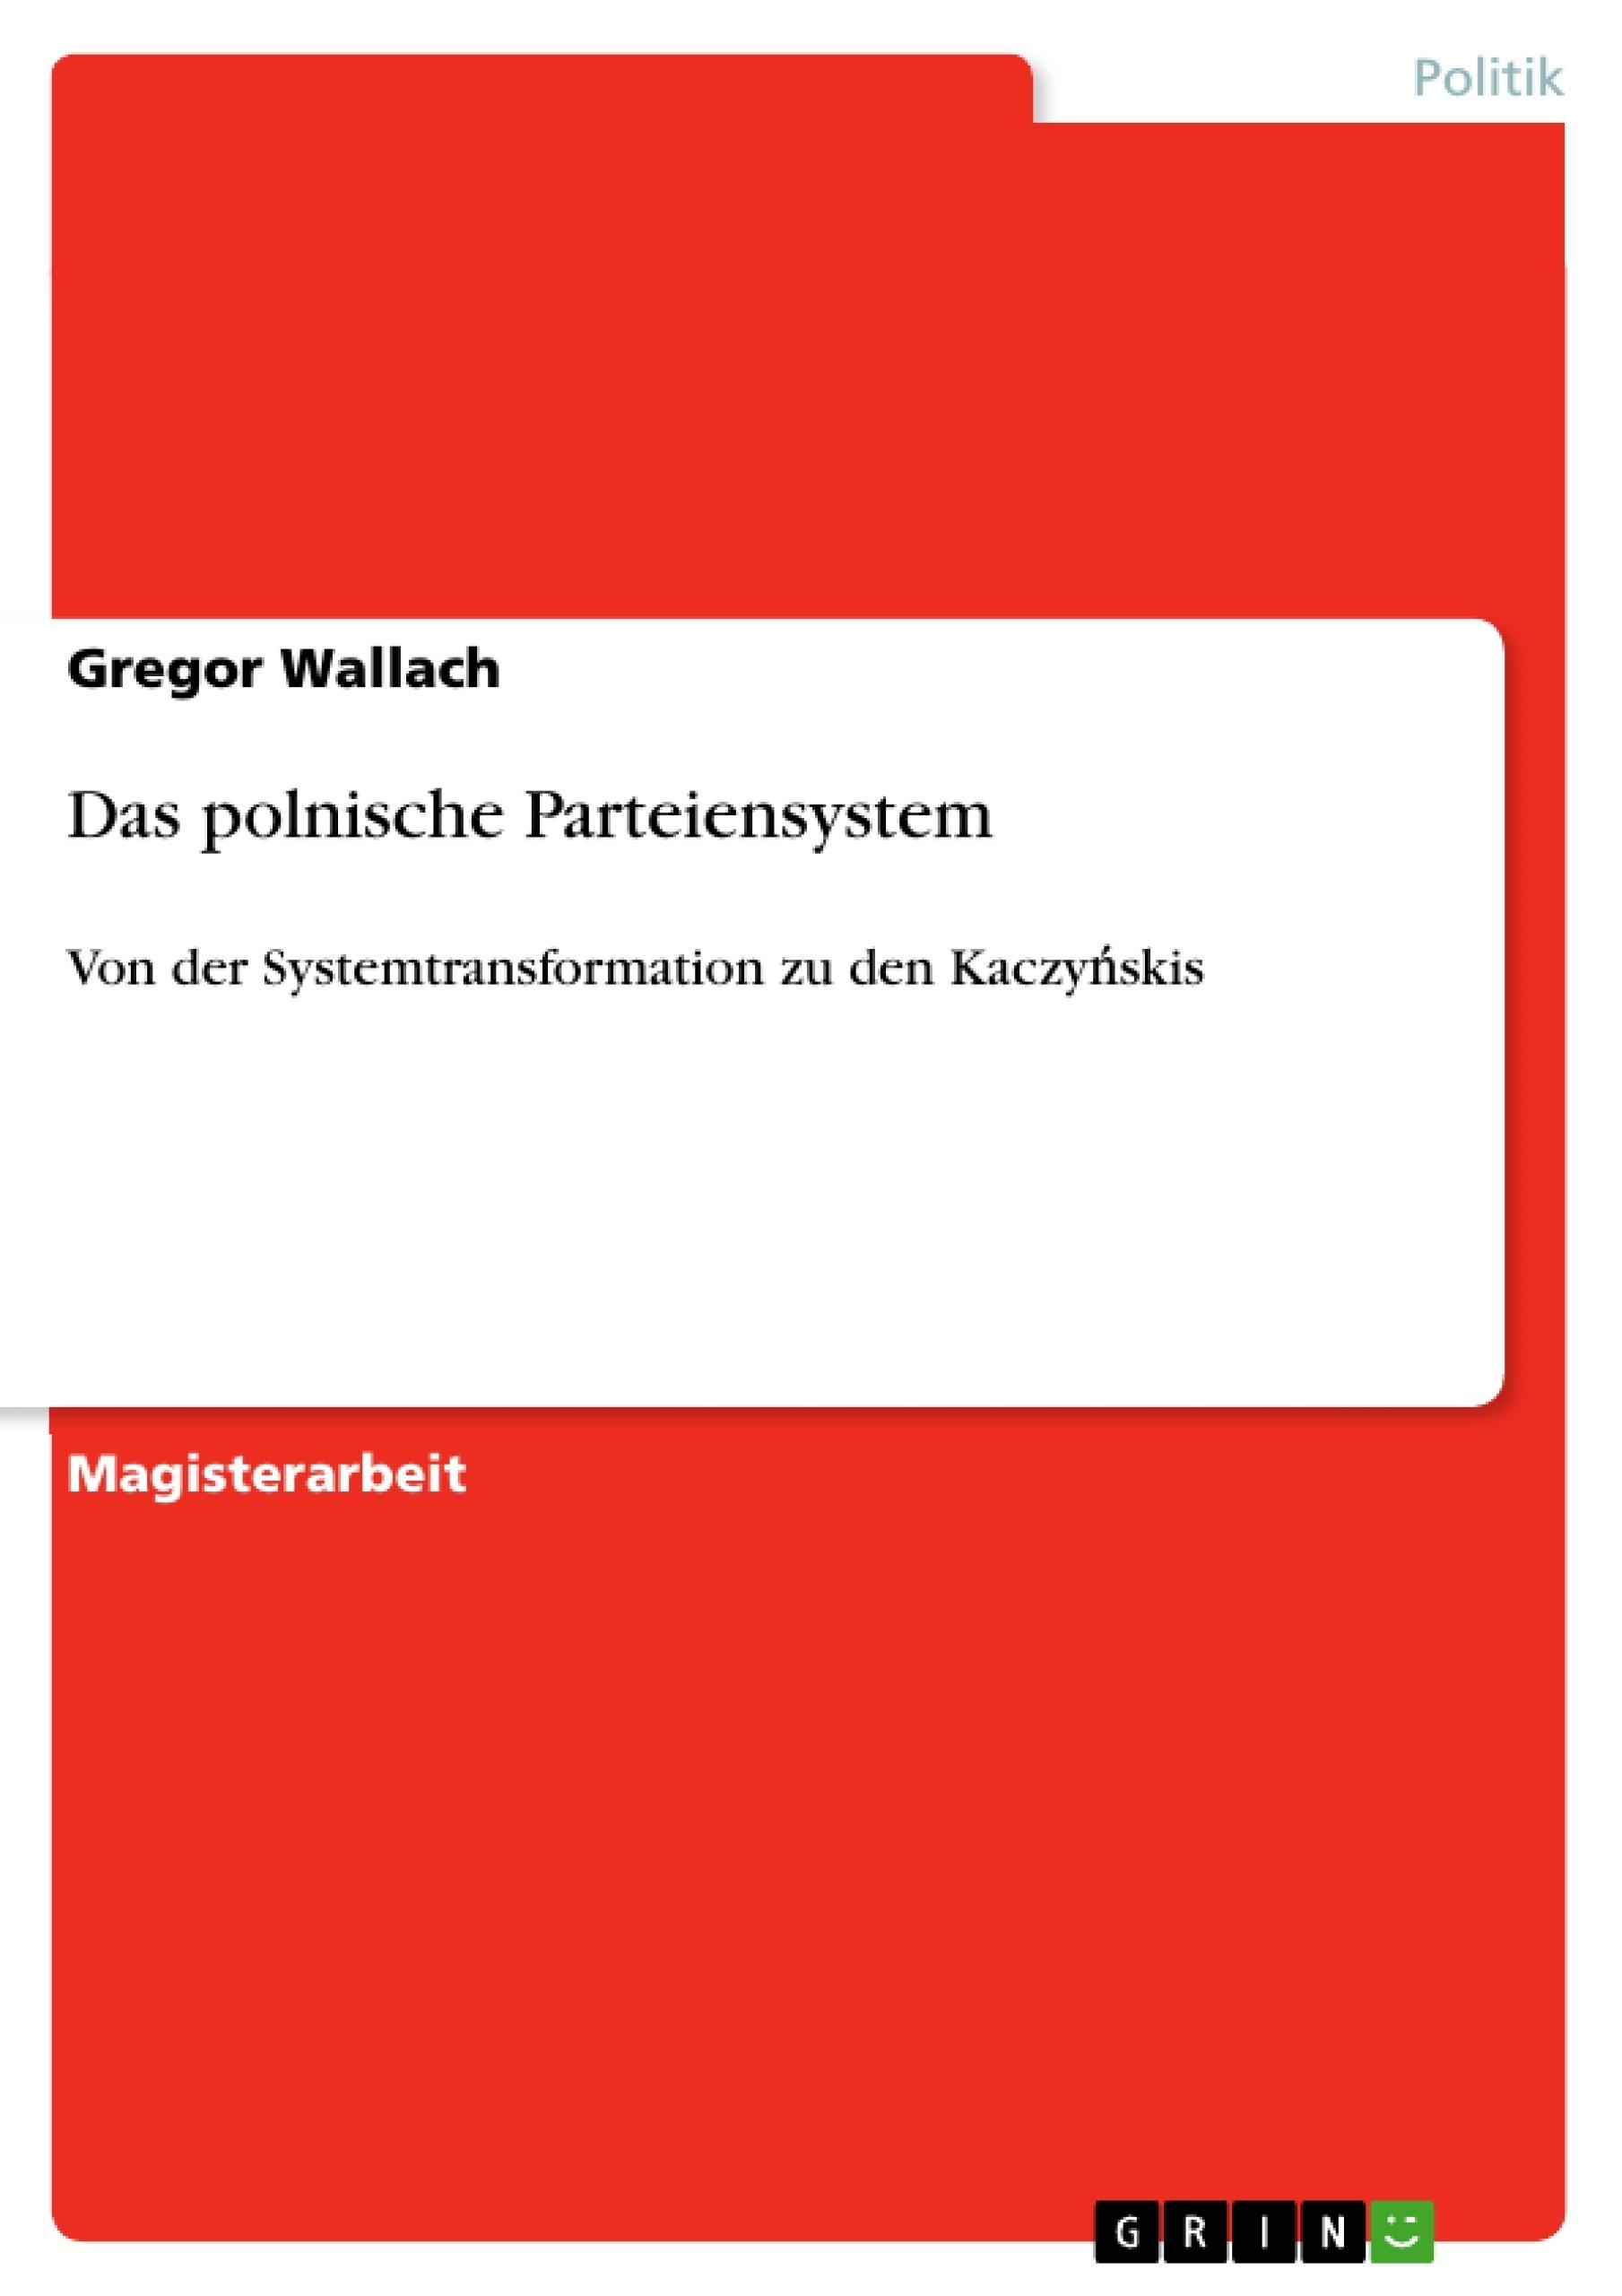 Titel: Das polnische Parteiensystem